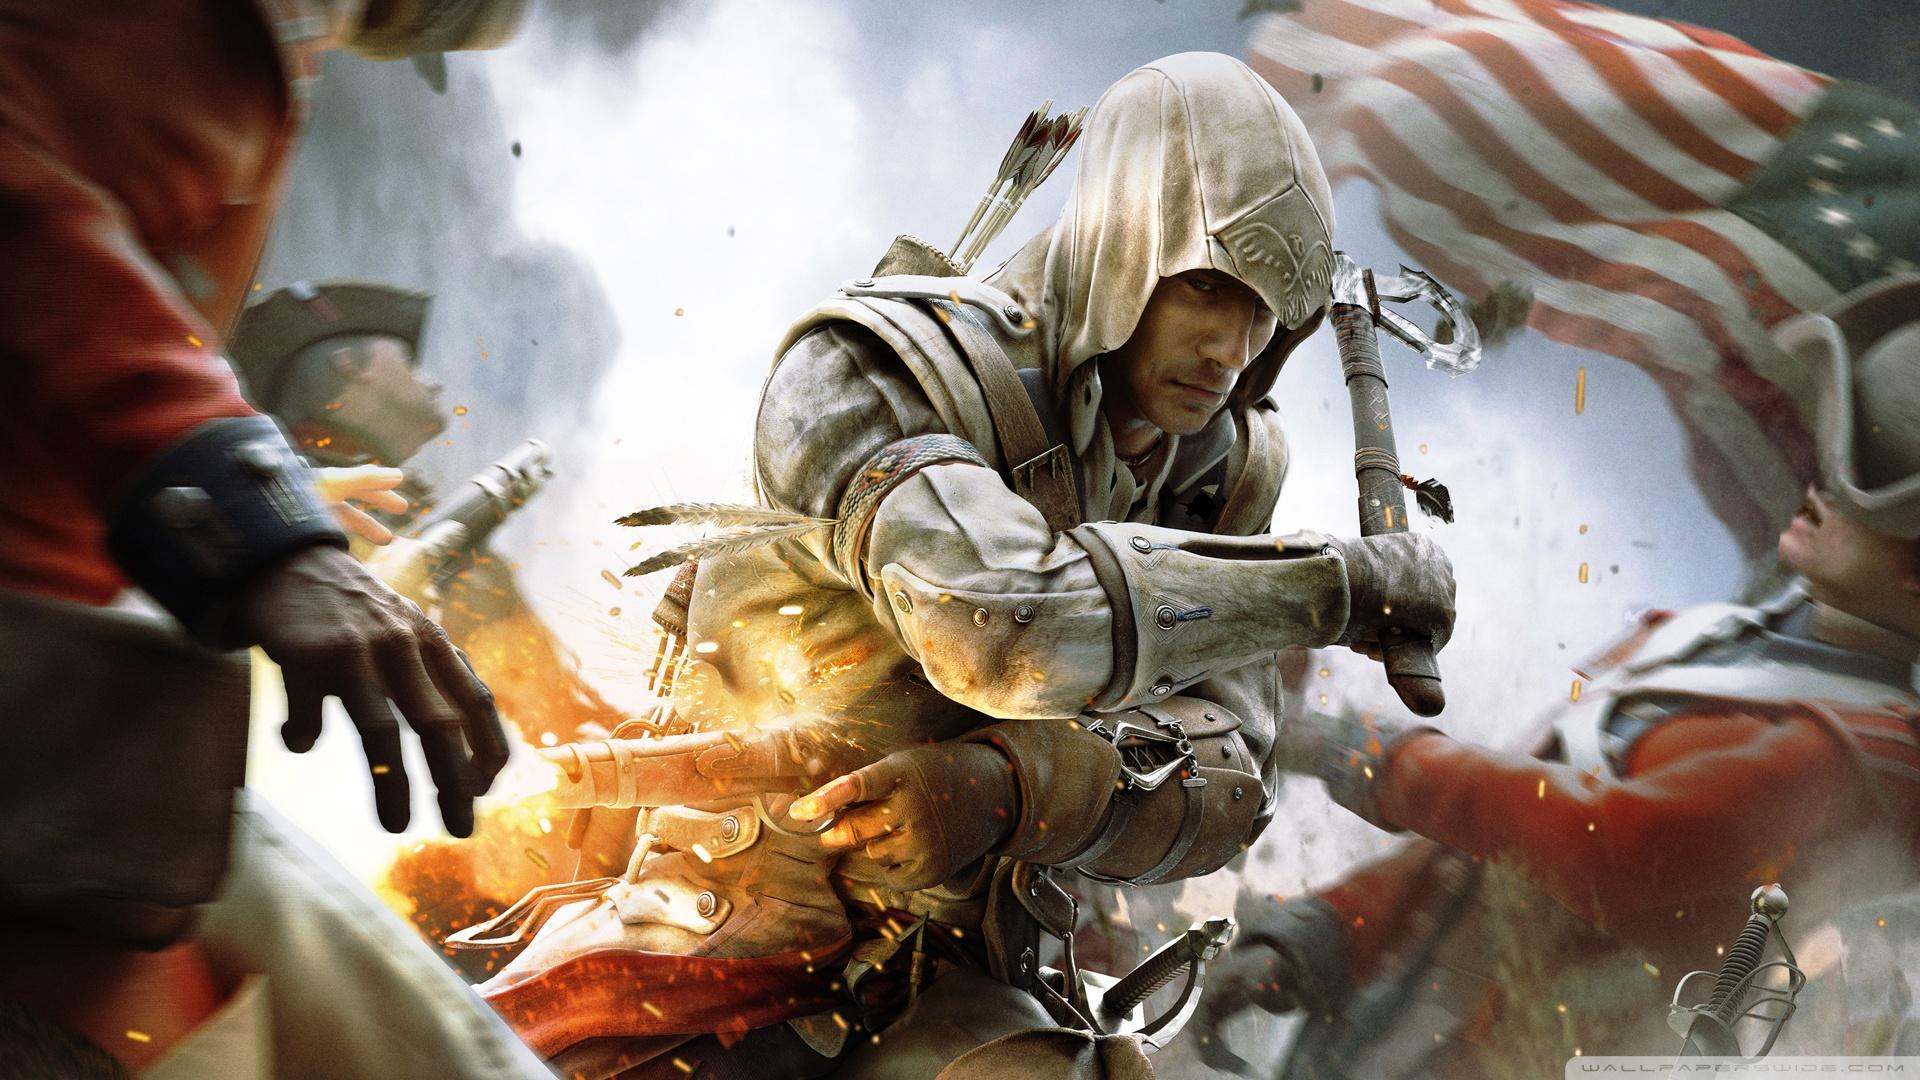 assassins creed iii war wallpaper 1920x1080   assassins creed iii war 1920x1080